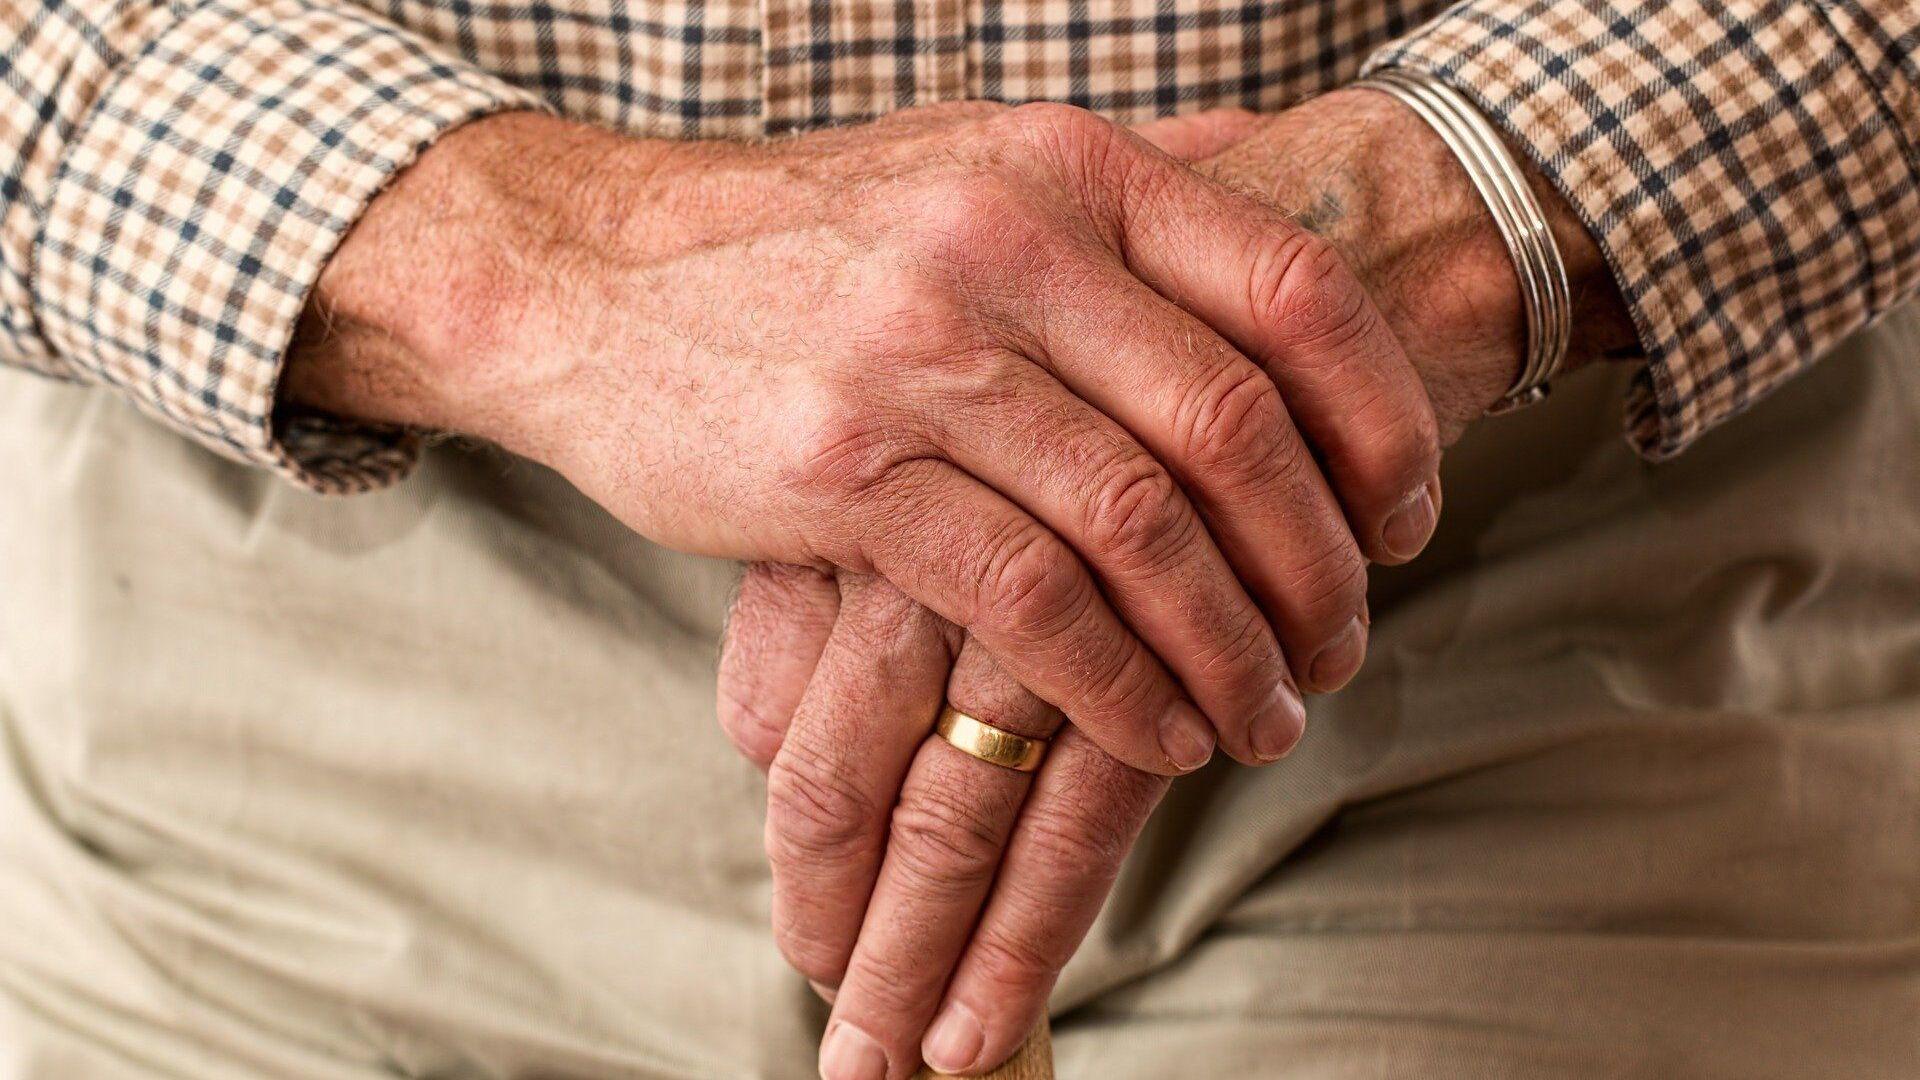 Τα χέρια ενός ηλικιωμένου άντρα (φωτ. αρχείου) - Sputnik Ελλάδα, 1920, 28.09.2021